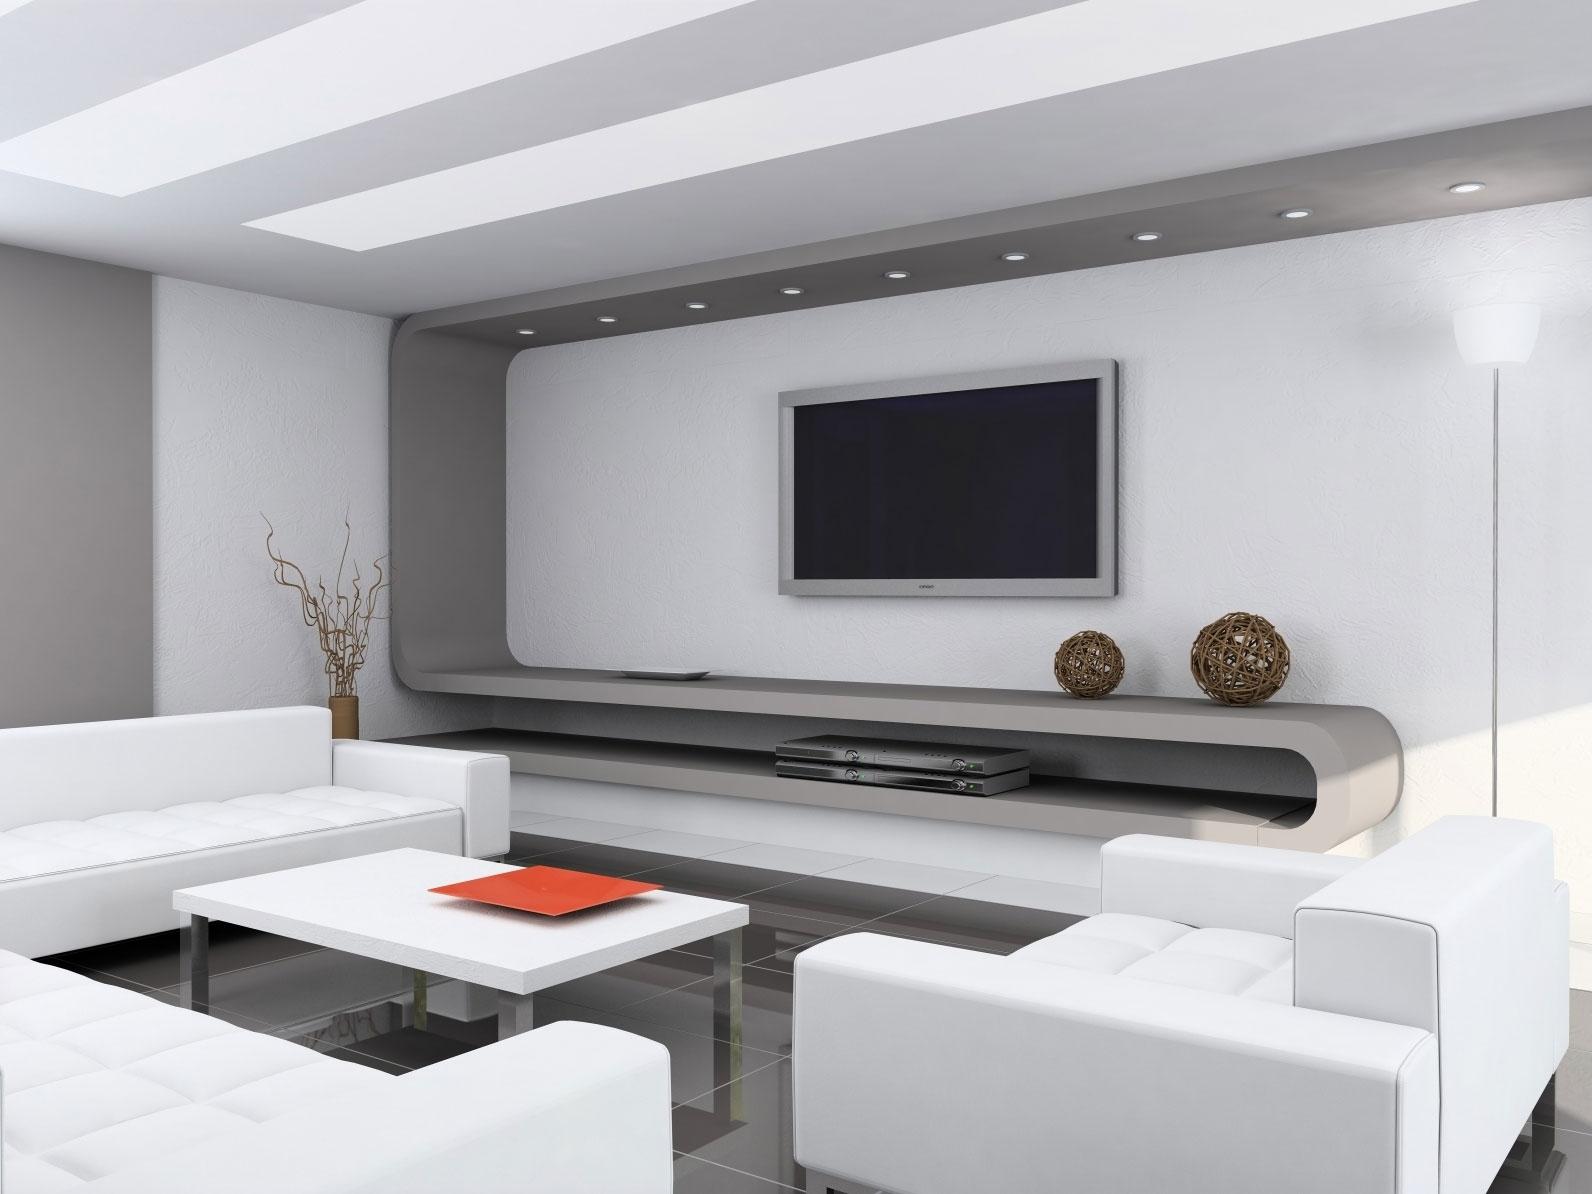 design de interiores design de interiores design de interiores artigo